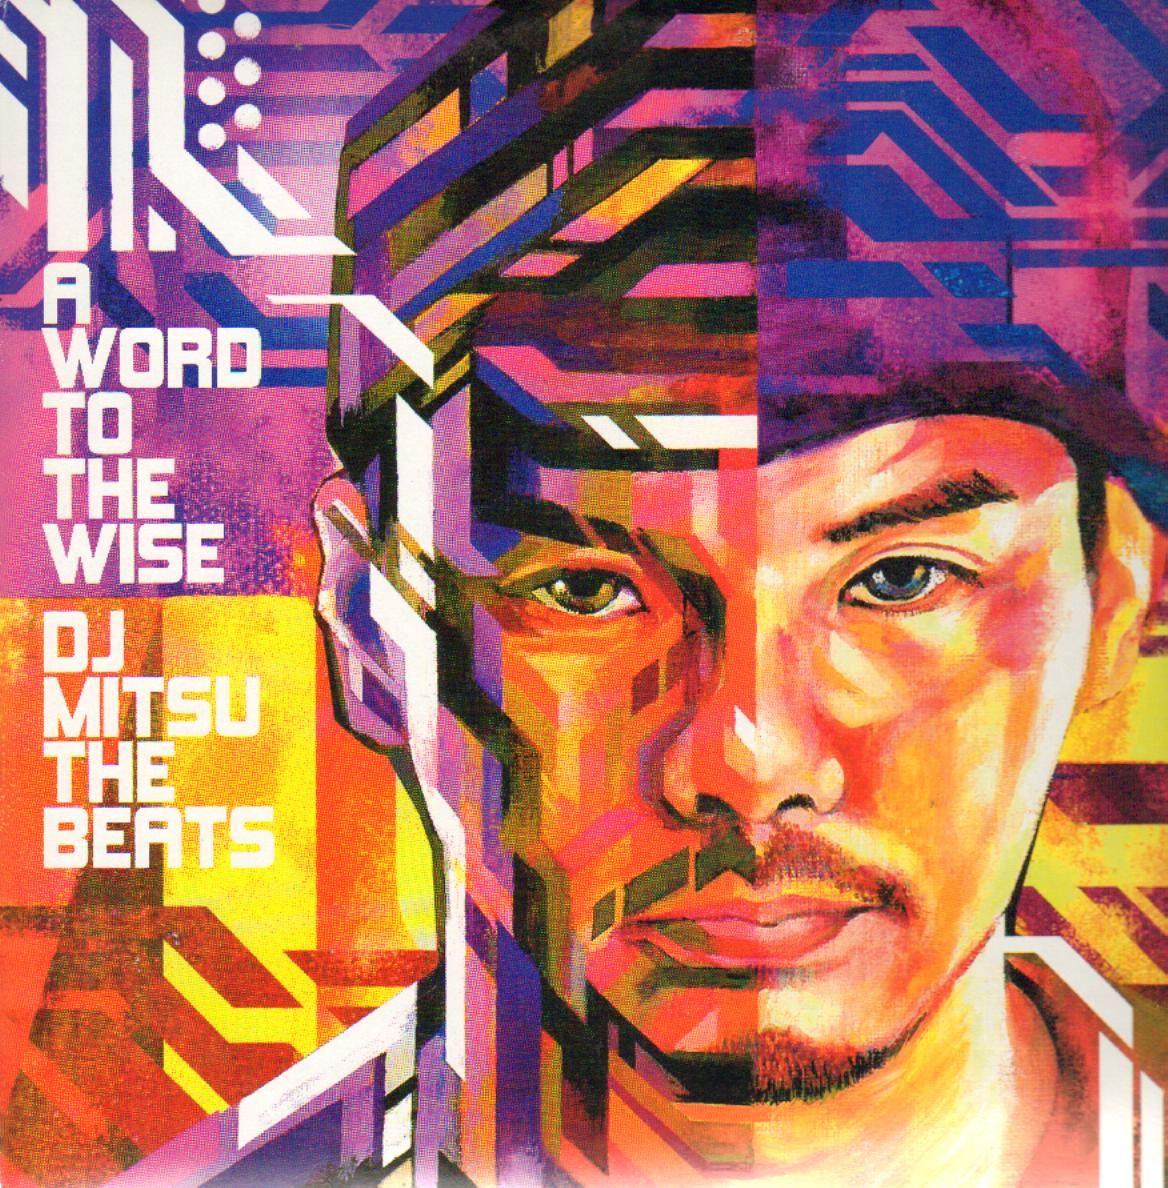 Un mot pour le sage / DJ Mitsu the Beats